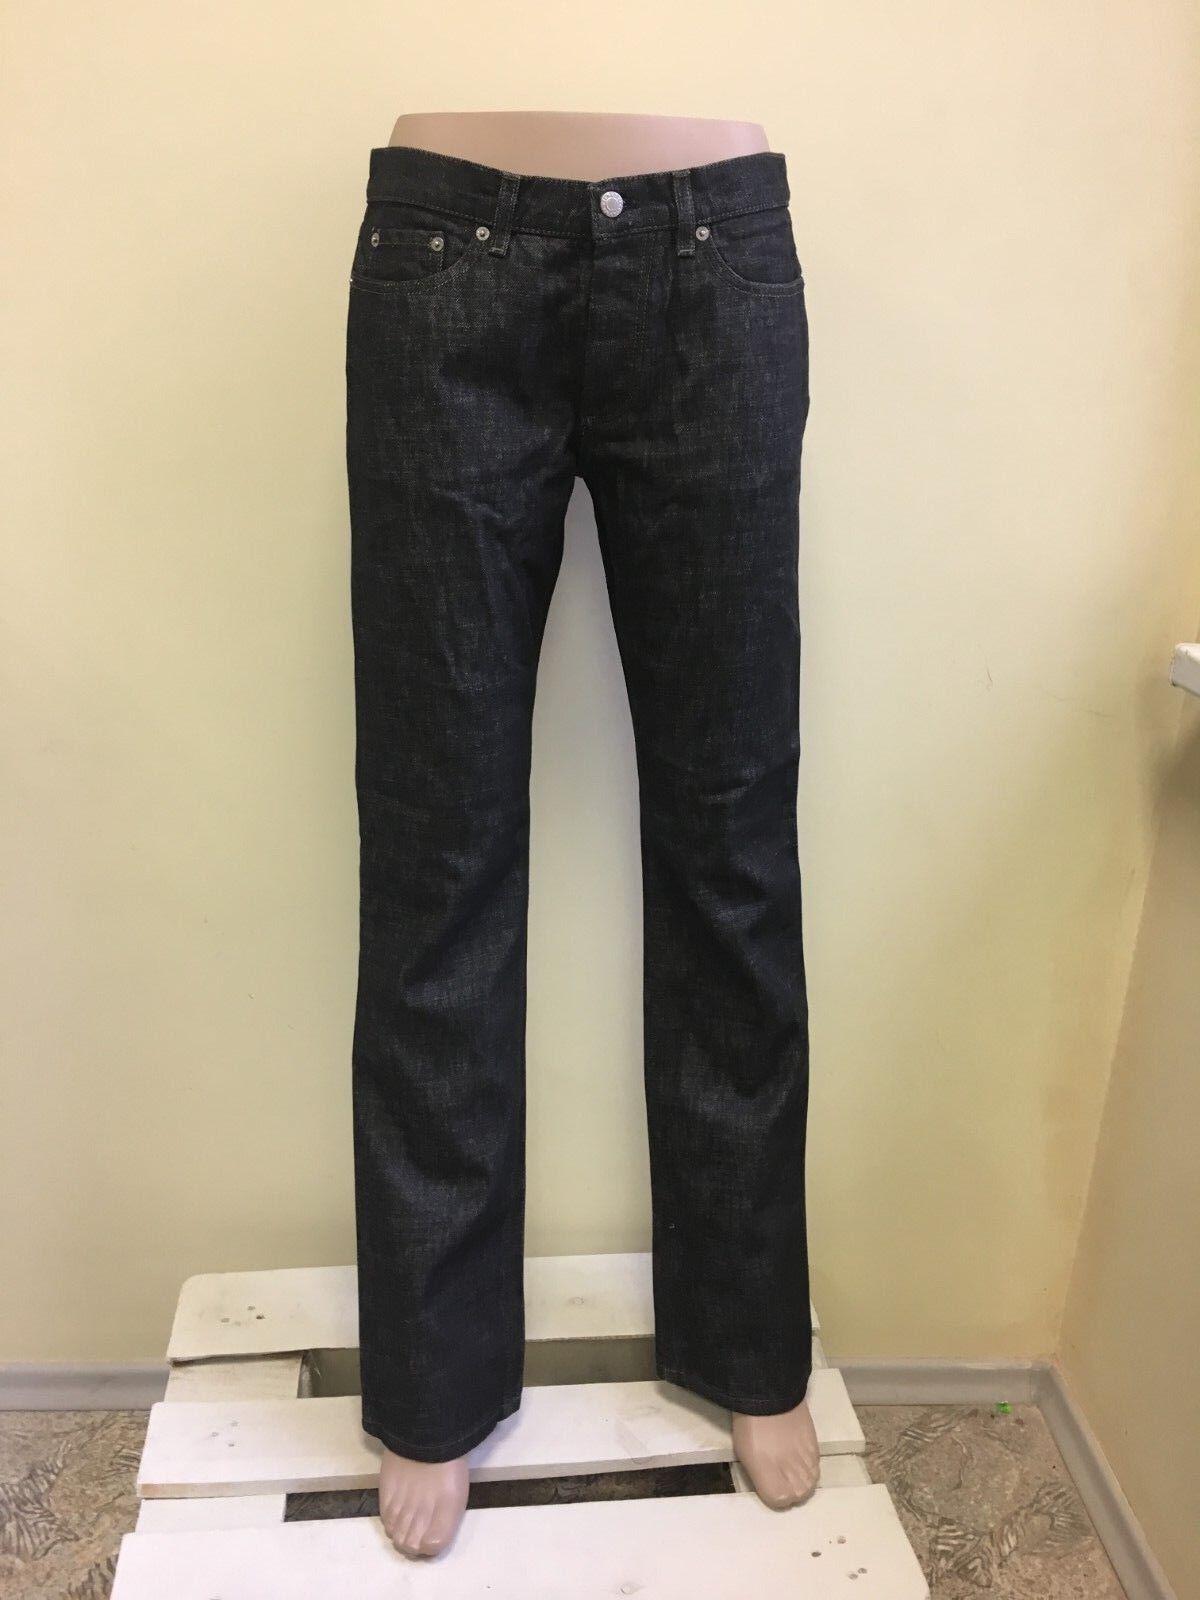 Helmut Lang men's vintage jeans low waist bootcut, Classic denim, HR5021